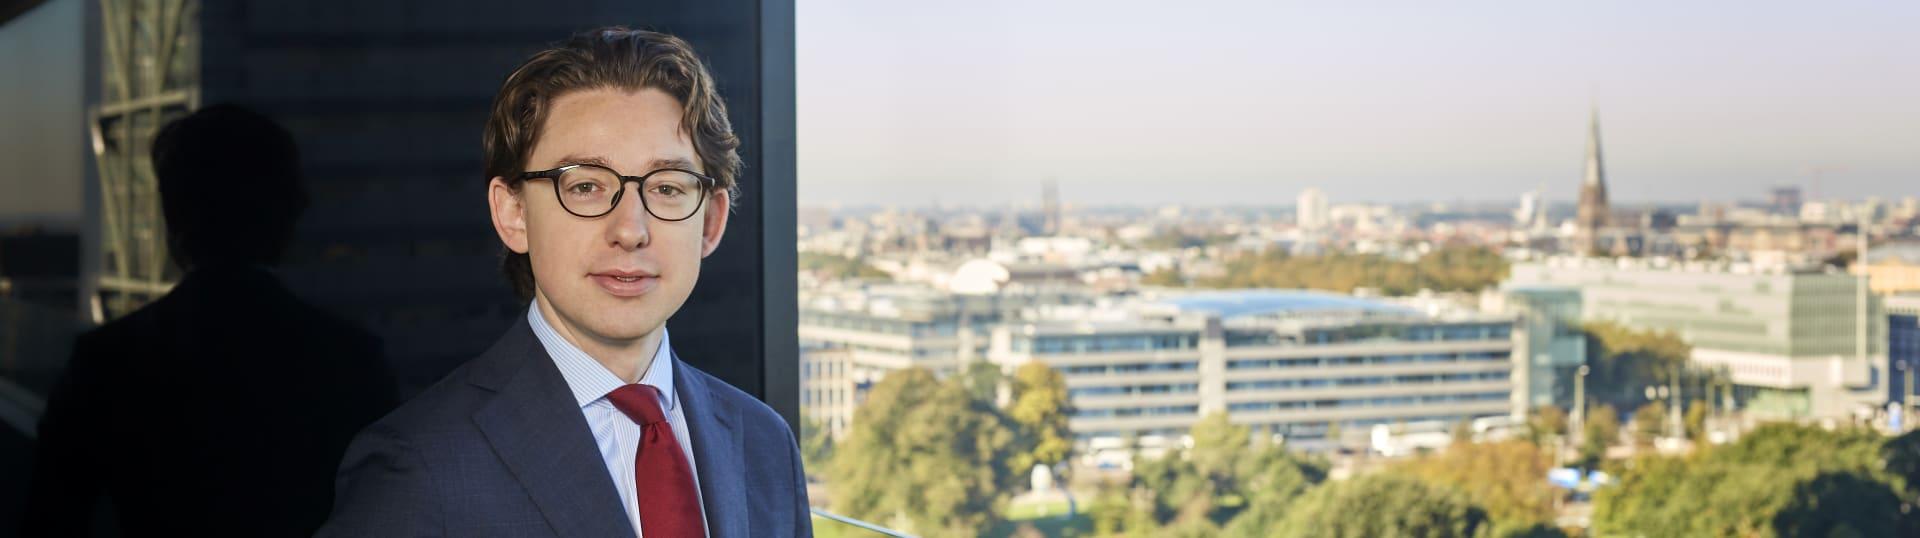 Jasper Kennis, advocaat Pels Rijcken